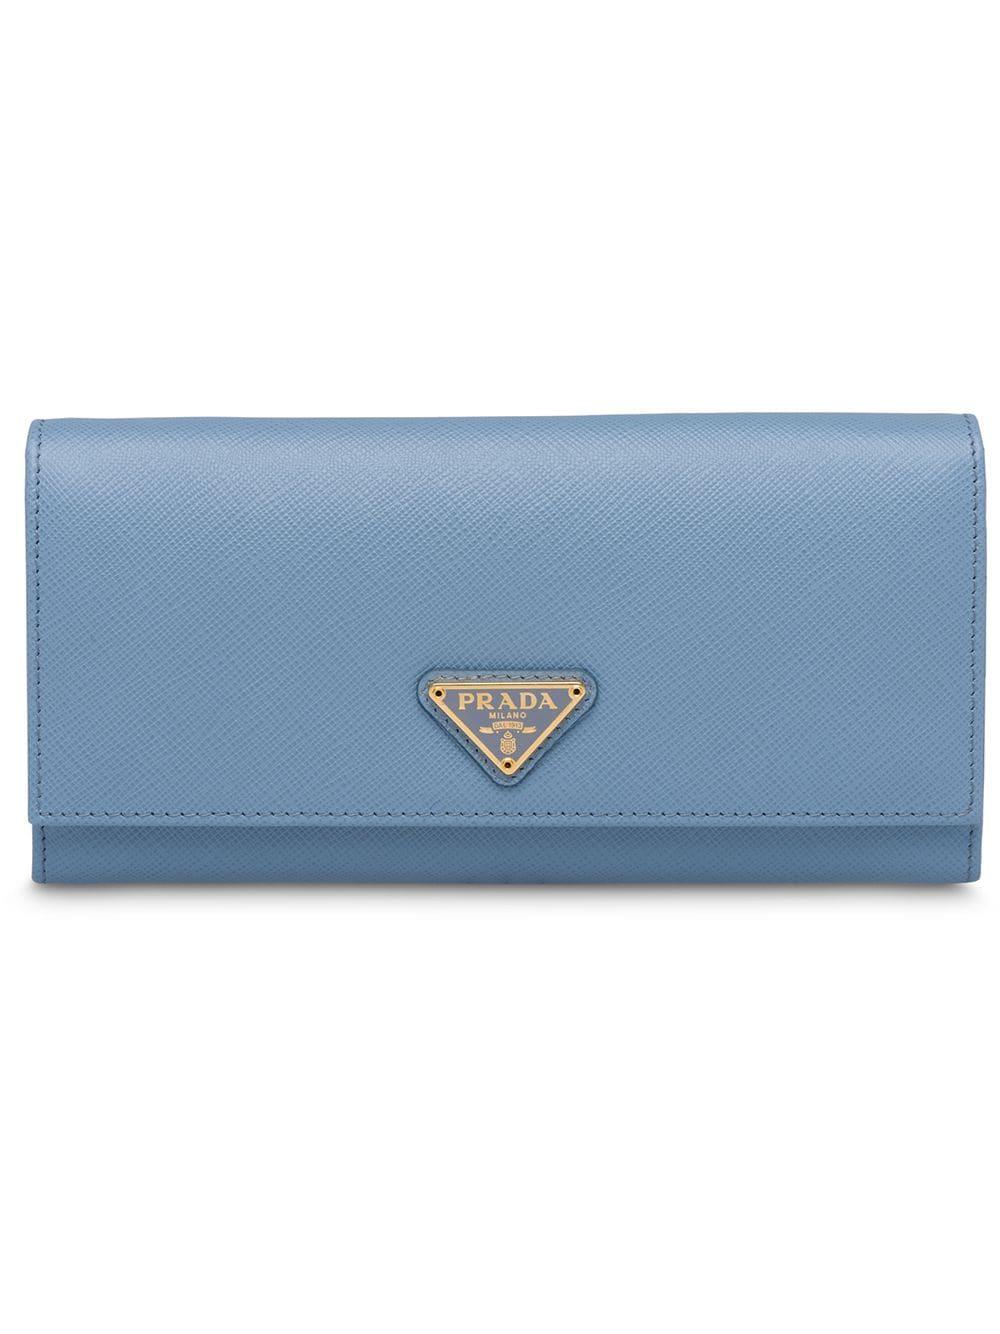 Prada Portemonnaie mit Logo-Schild - Blau